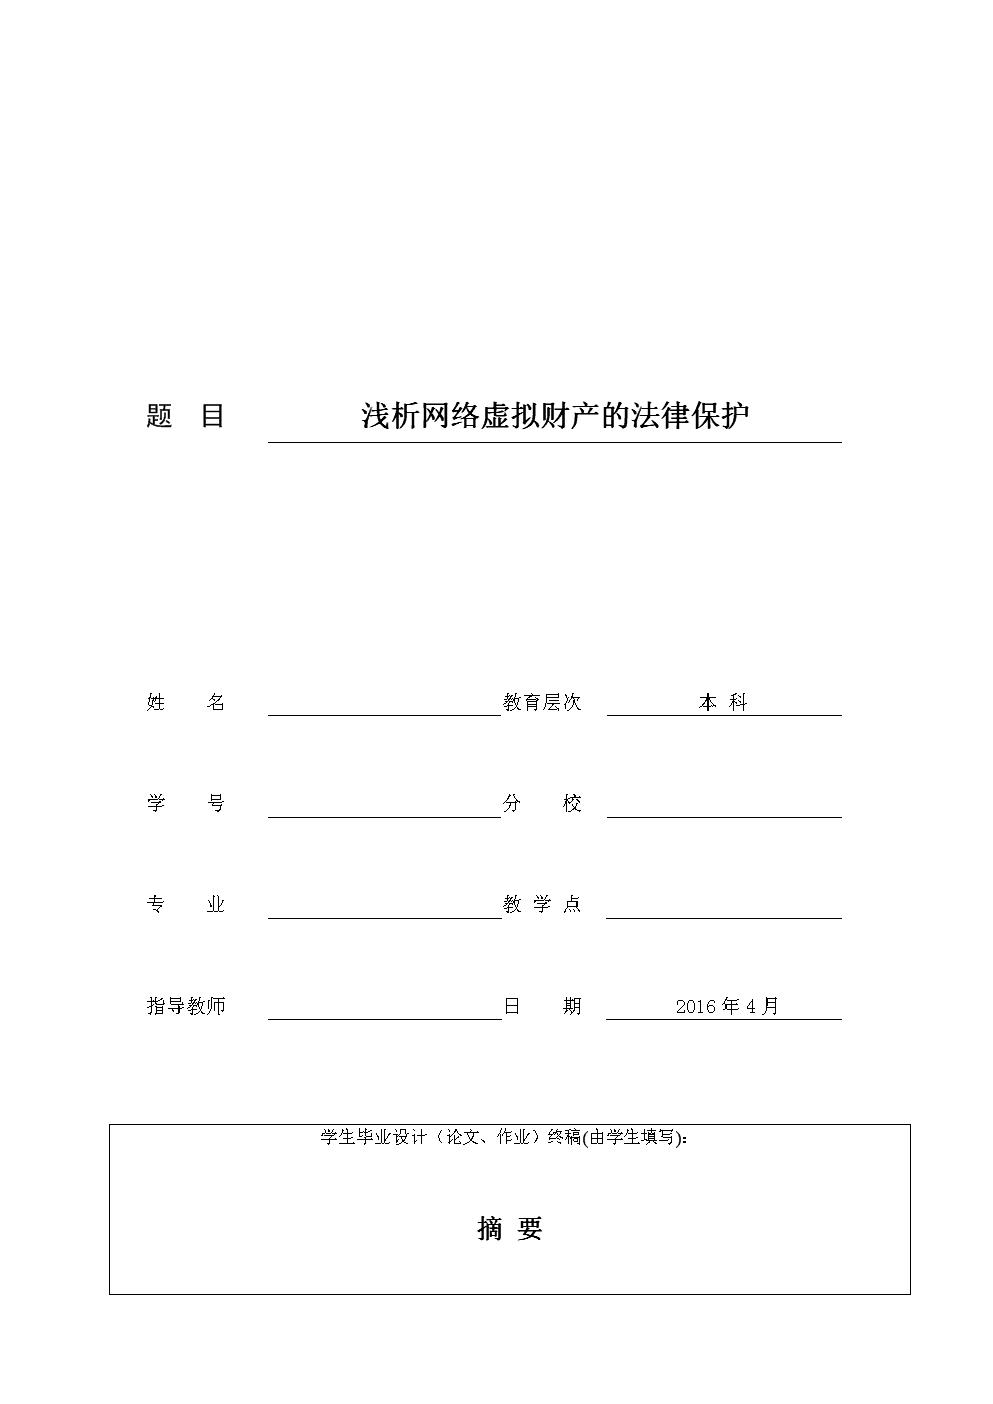 法学——论网络虚拟财产的法律保护—1027 (2).doc